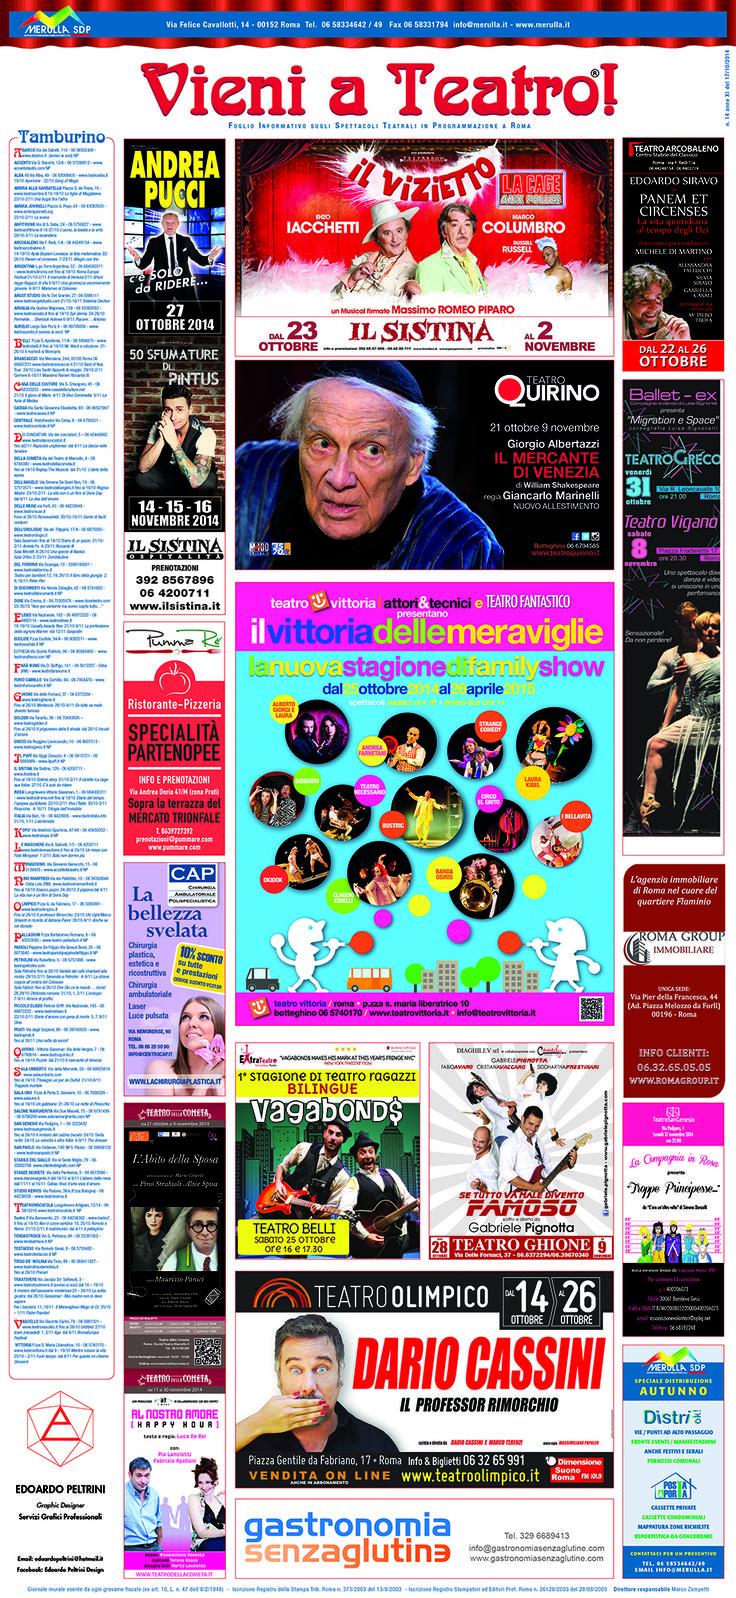 PummaRe' sponsor di questa bellissima iniziativa...Vieni a Teatro...e prima o dopo lo spettacolo, vieni a gustarti un'autentica pizza napoletana o una delle nostre specialità partenopee! Ti aspettiamo tutti i giorni a pranzo dalle 12:30 alle 15:00 e a cena dalle 19:30 alle 23:00! Prenota il tuo tavolo: Web: www.pummare.com Mail: prenotazioni@pummare.com Telefono: 0639727392